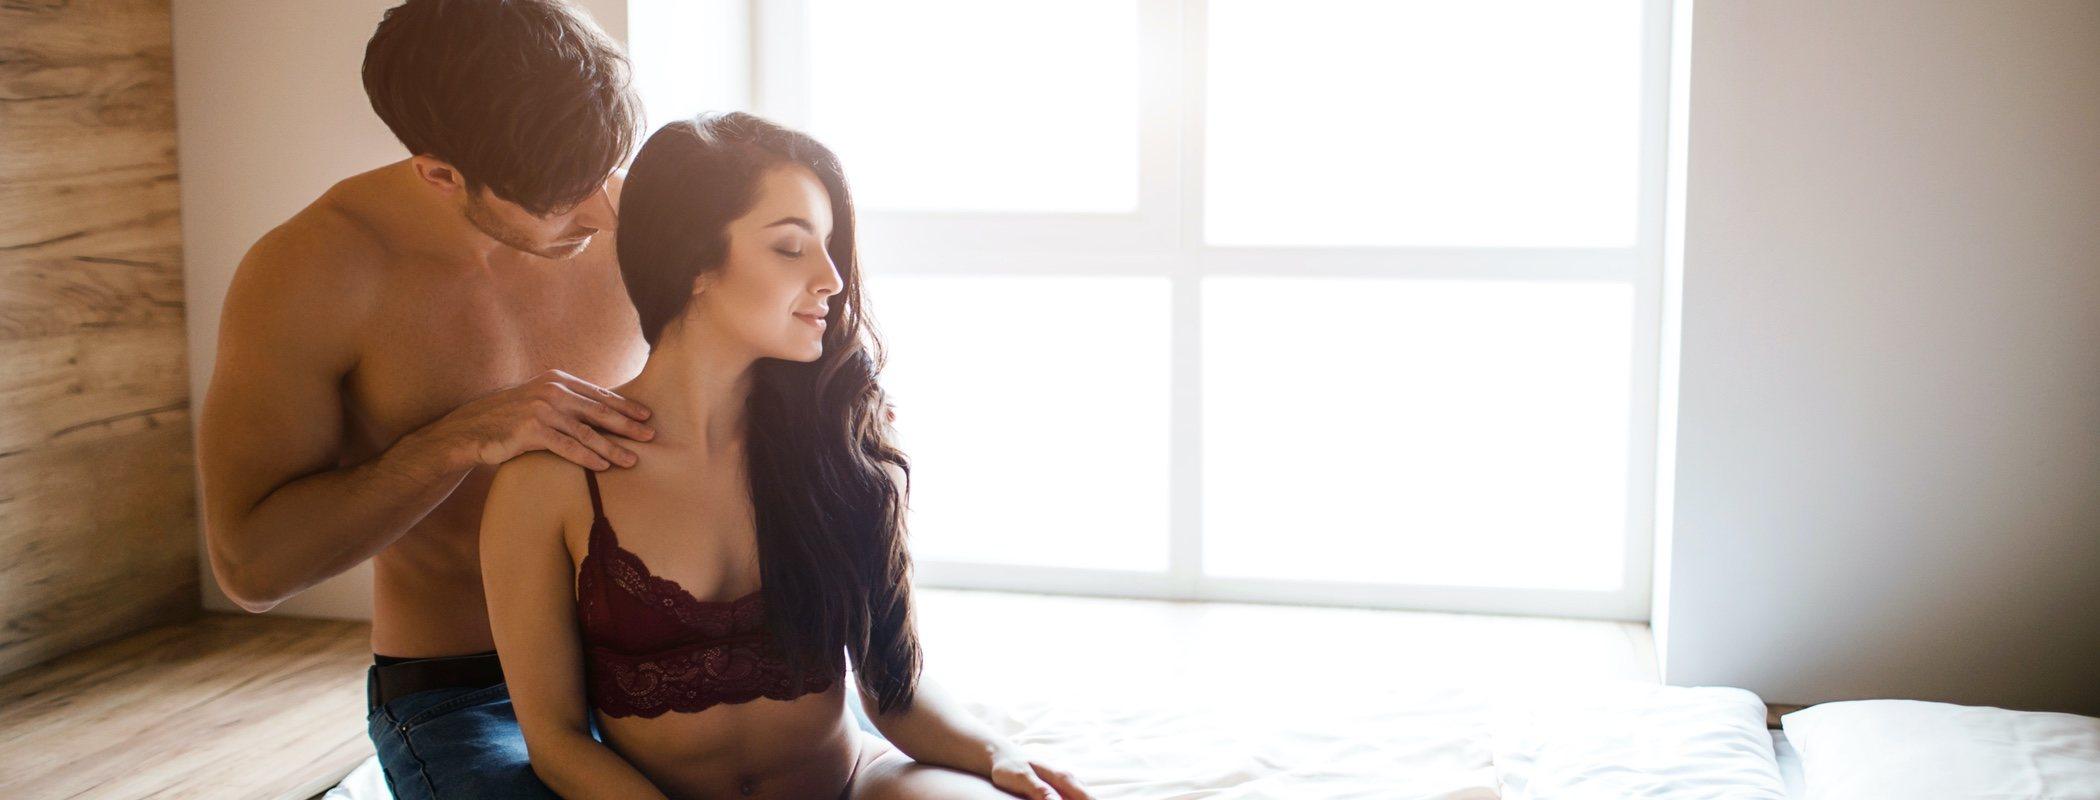 Cómo realizar un masaje sensual